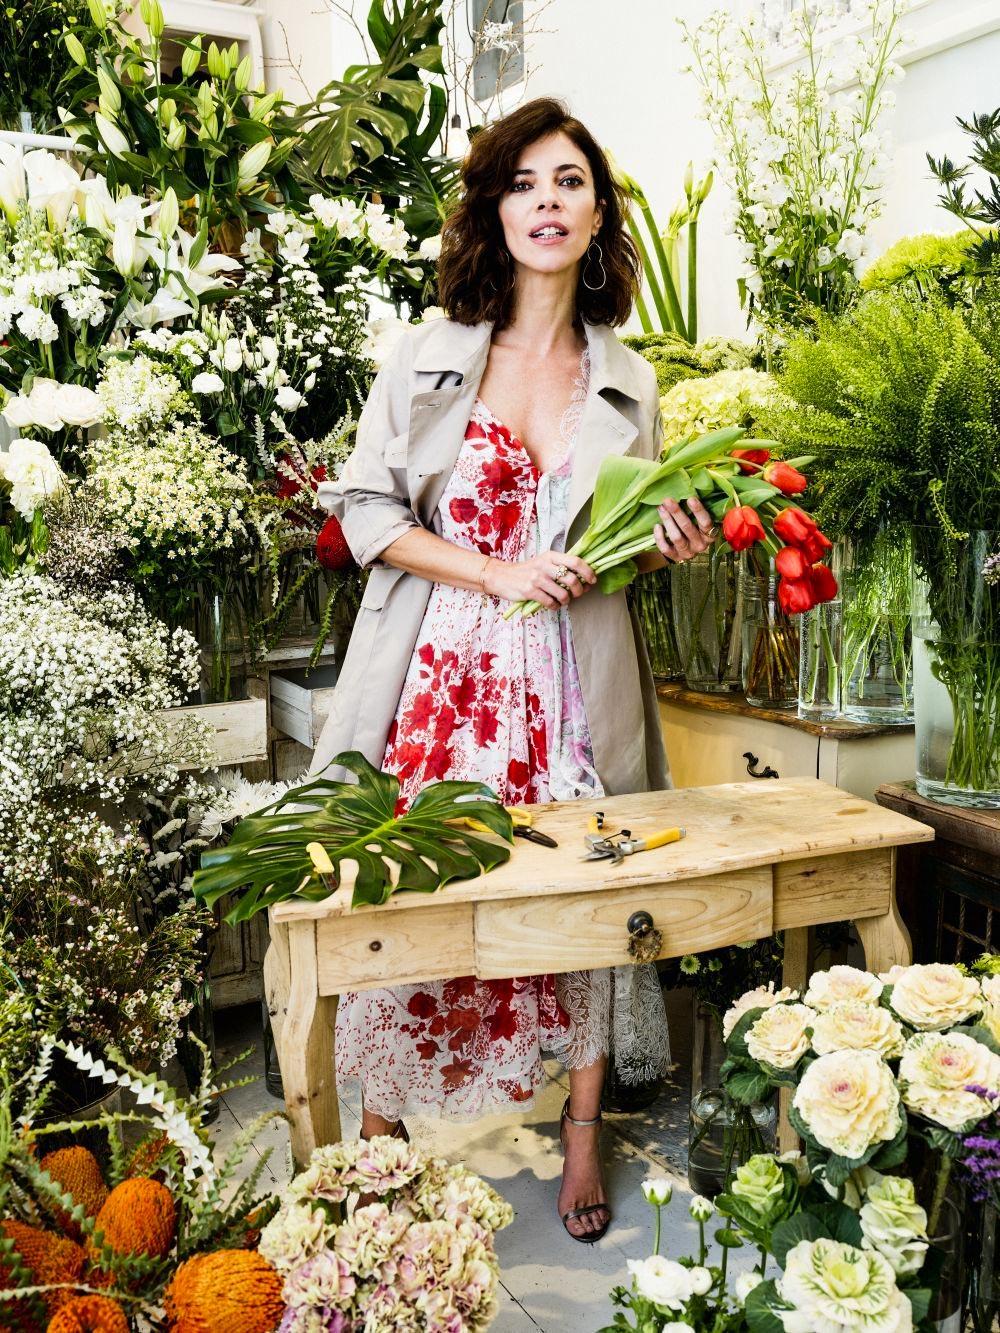 Maribel Verdú en la floristería Margarita se llama mi amor